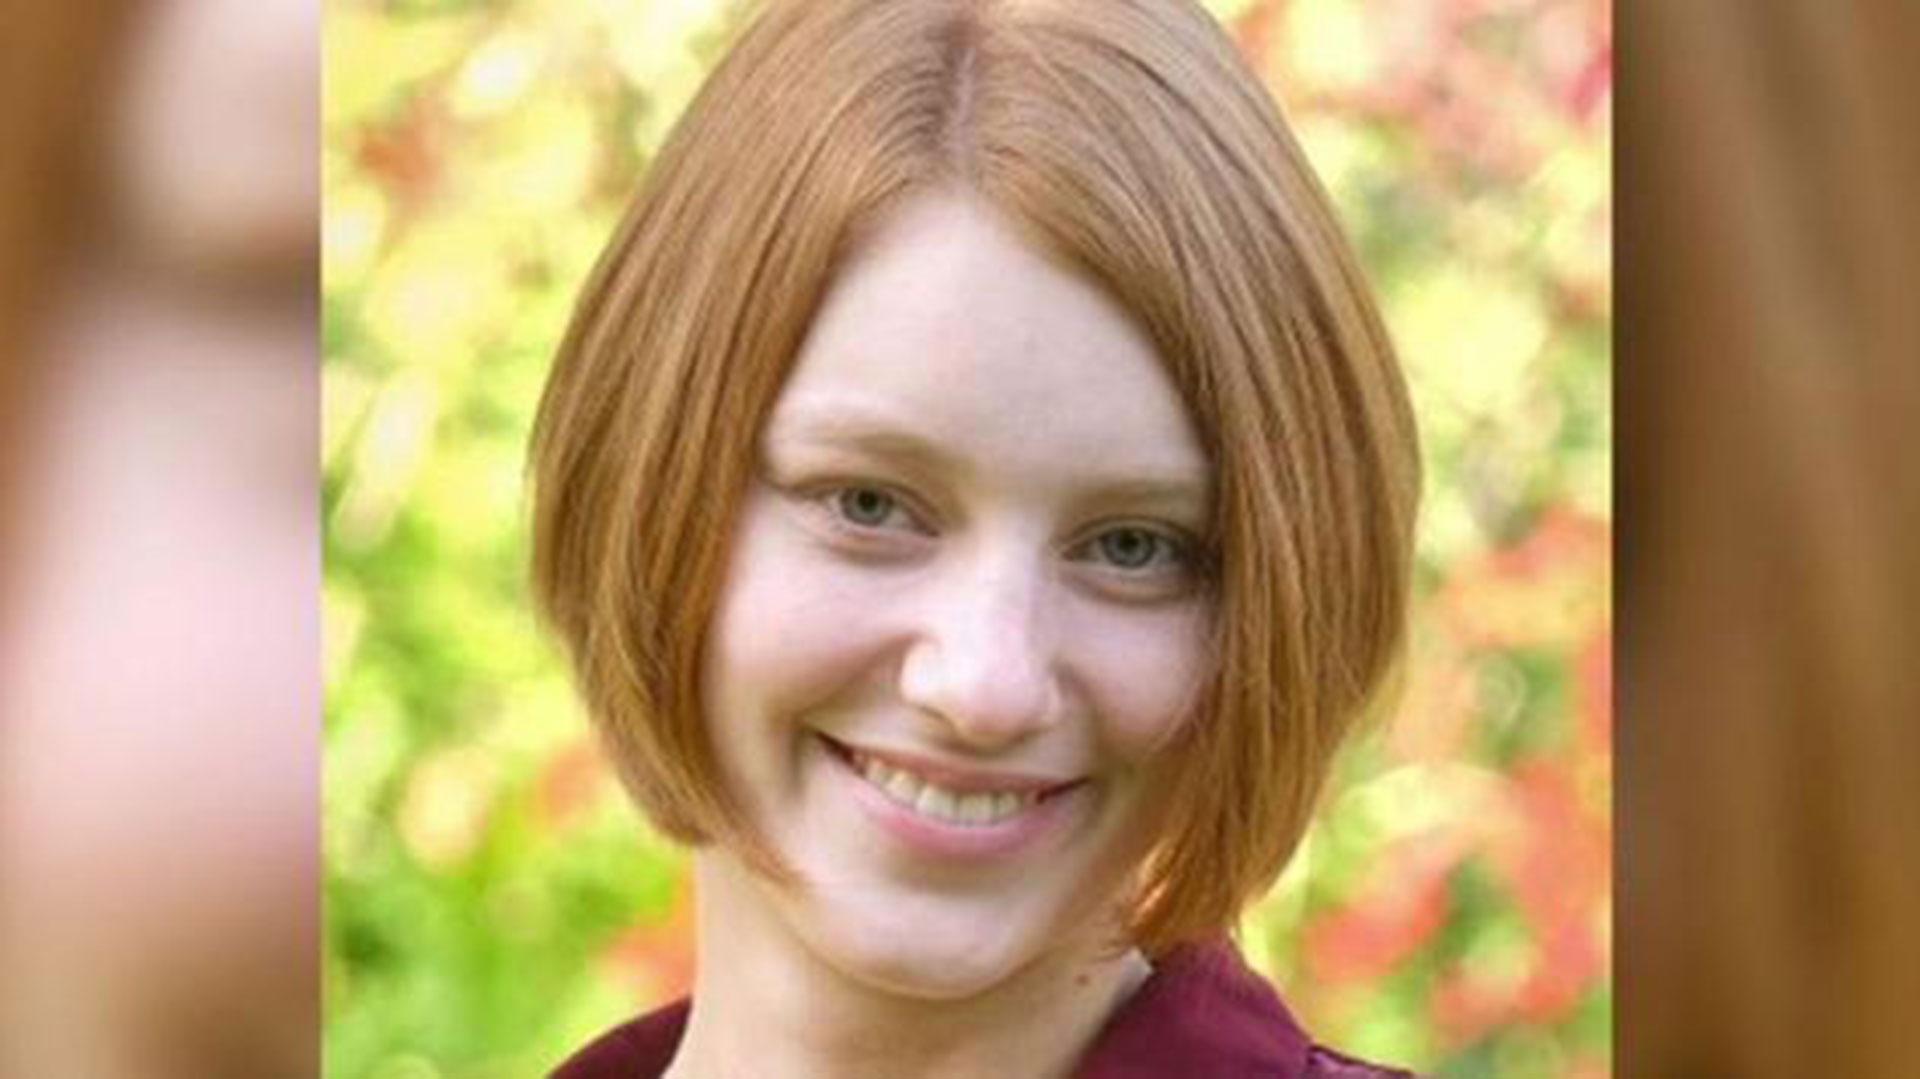 """Lauren Seitz tenía 18 años. Murió como consecuencia de la aparición de la ameba """"comecerebros"""" en su cuerpo"""